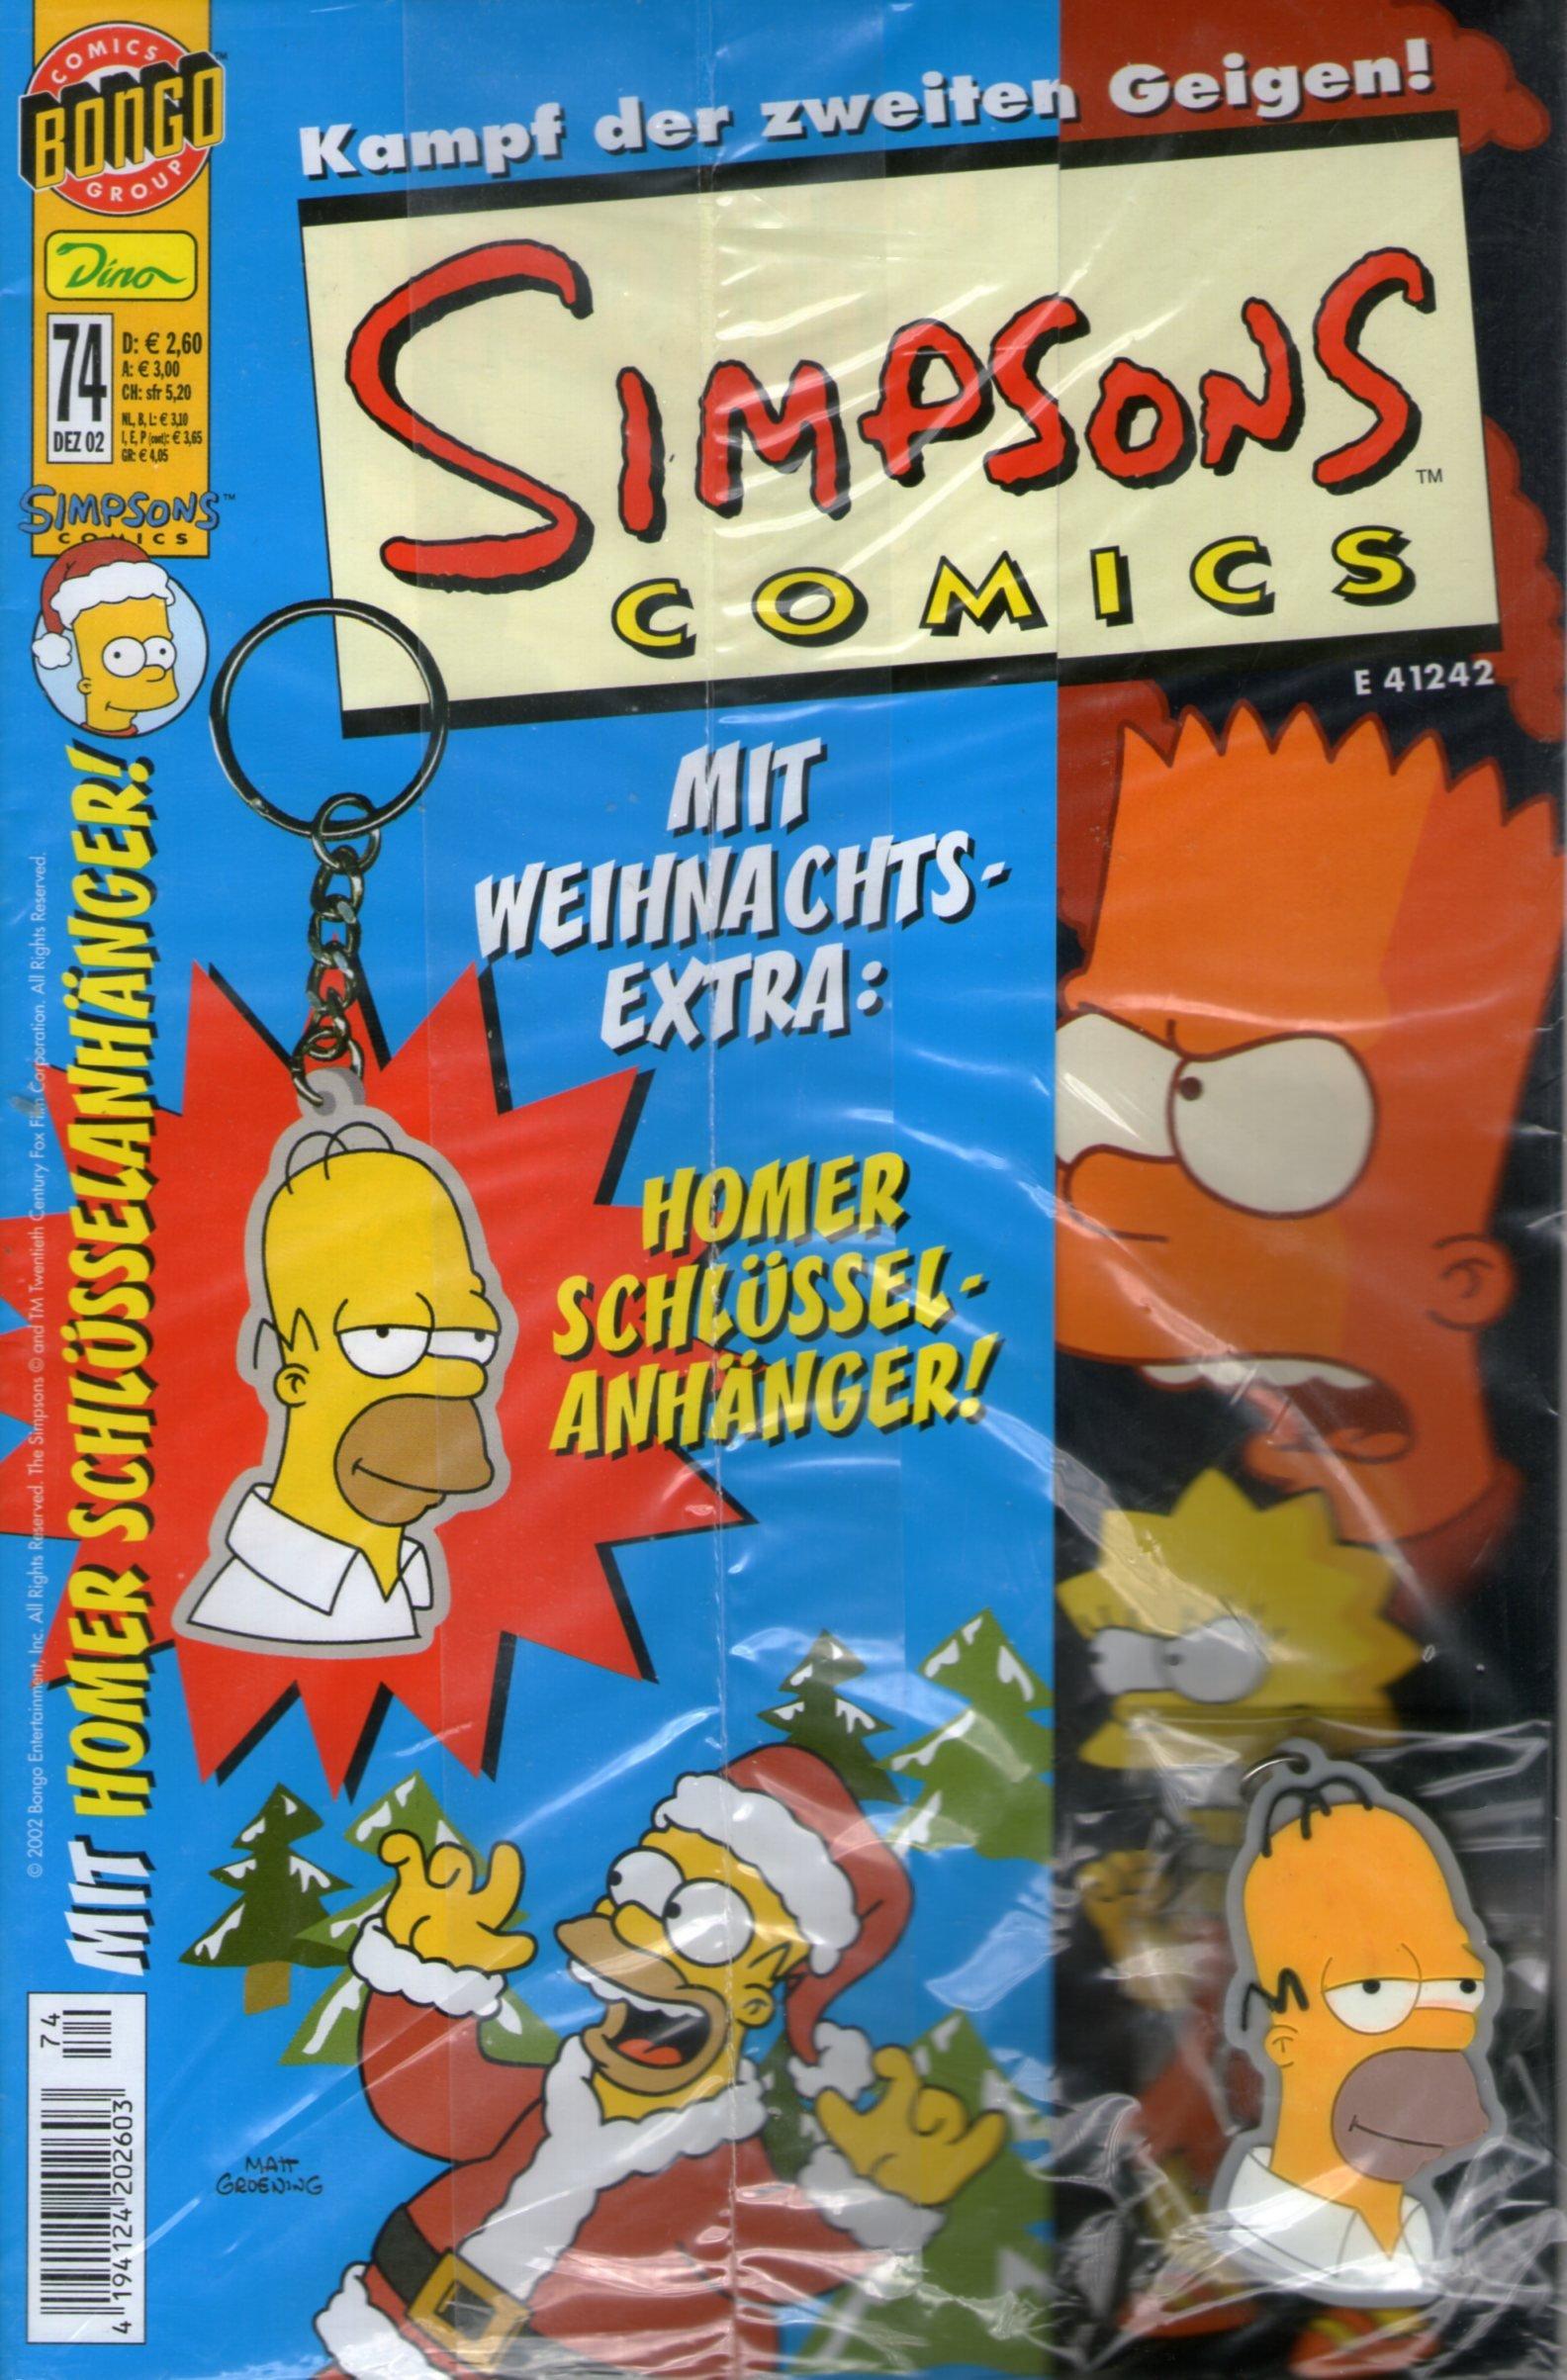 SIMPSONS Comics # 74 - Kampf der zweiten Geigen! Comic inkl. Schlüsselanhänger (Simpsons) Comic – 2002 Panini Comics B008RN9CBA Belletristik - Comic Cartoon